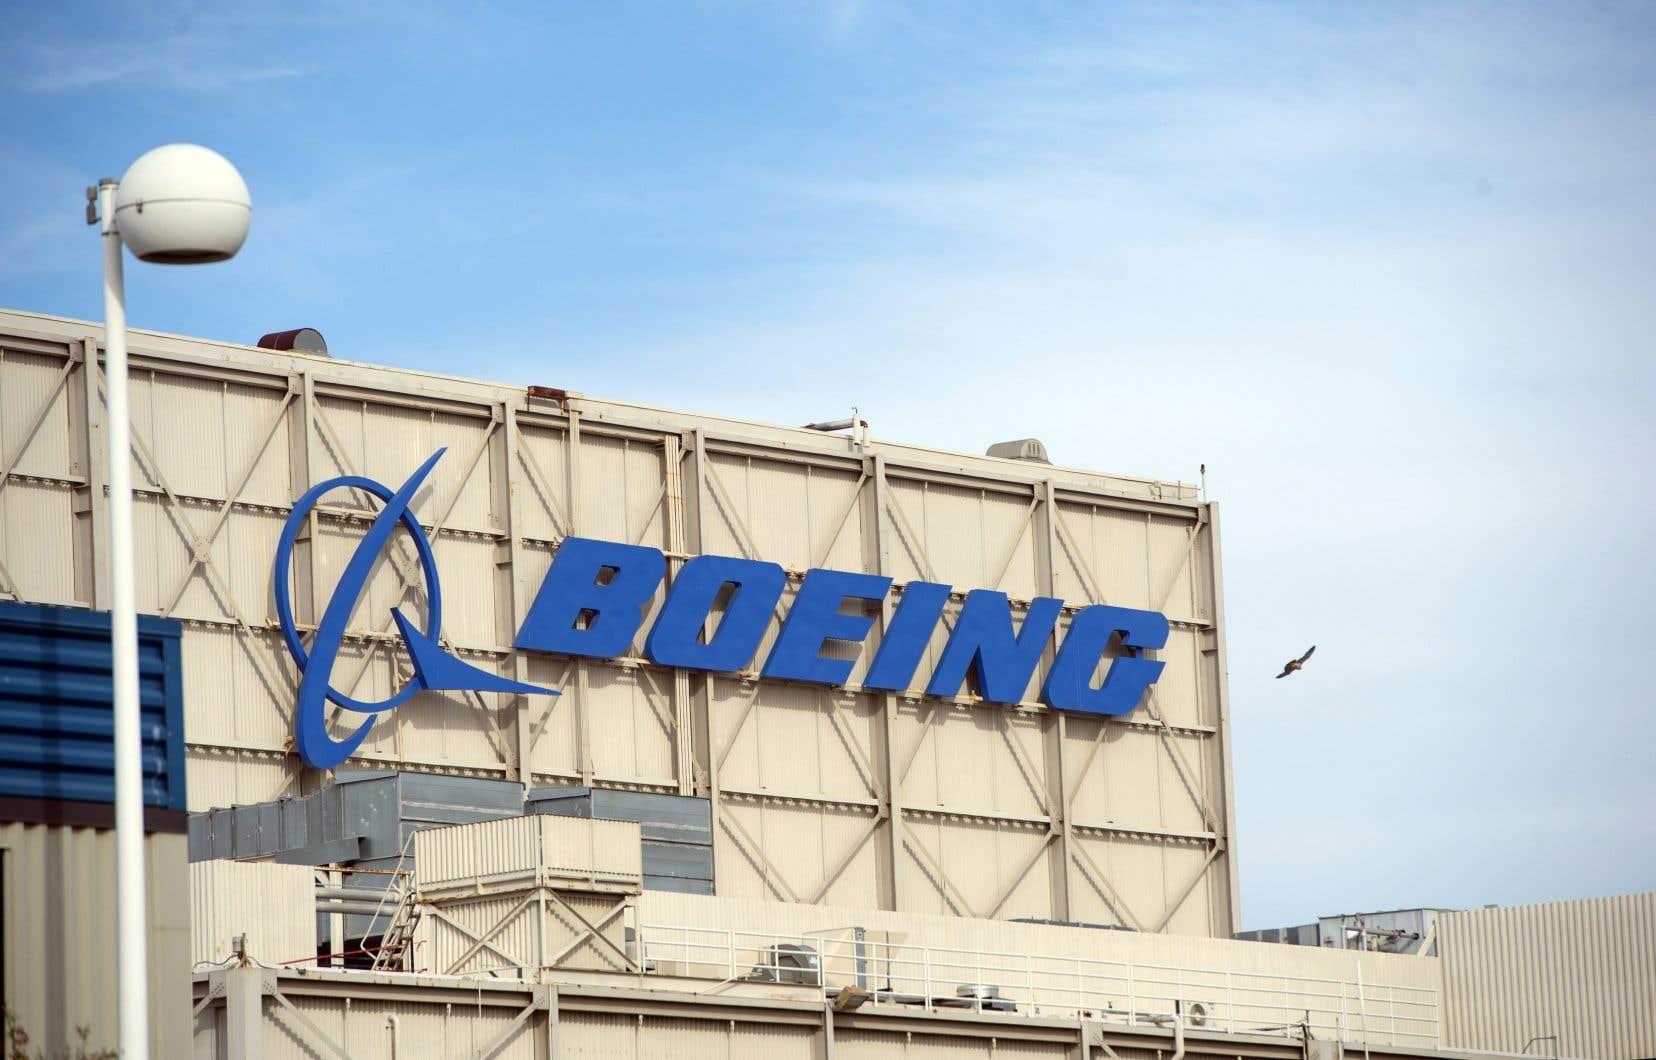 Boeing indique dans son message qu'il emploie 2000 personnes au Canada, soit loin des 7000 salariés de Bombardier aux États-Unis.